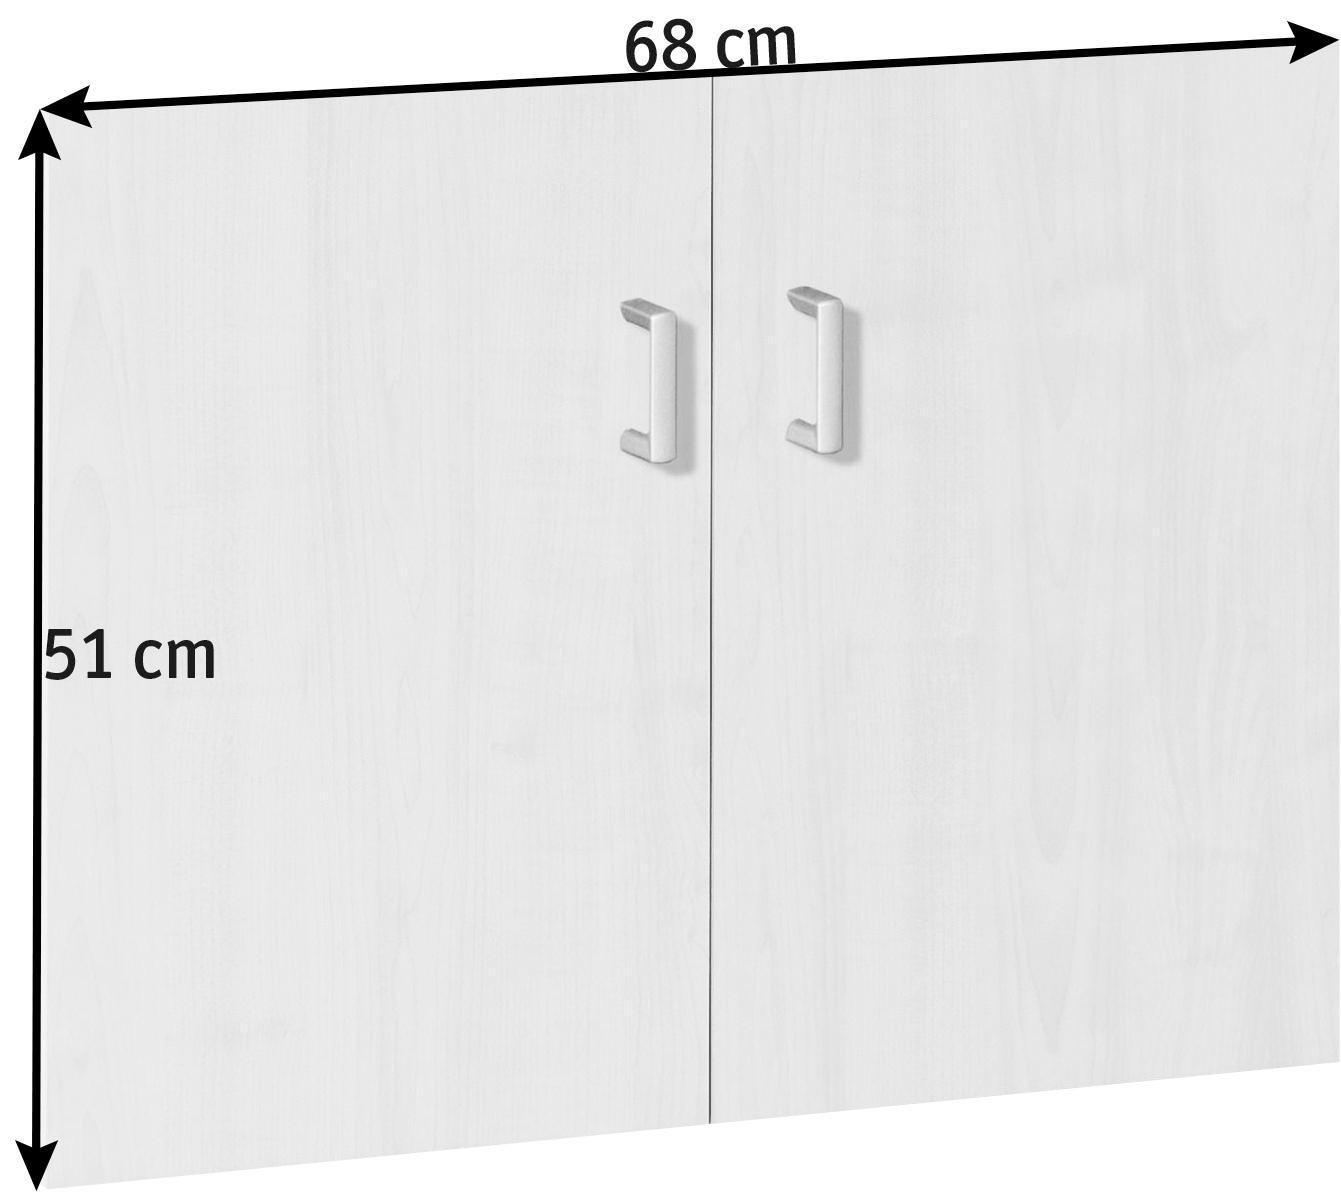 TÜRENSET 68/51/3 cm Ahornfarben - Silberfarben/Ahornfarben, Design, Kunststoff (68/51/3cm) - CS SCHMAL